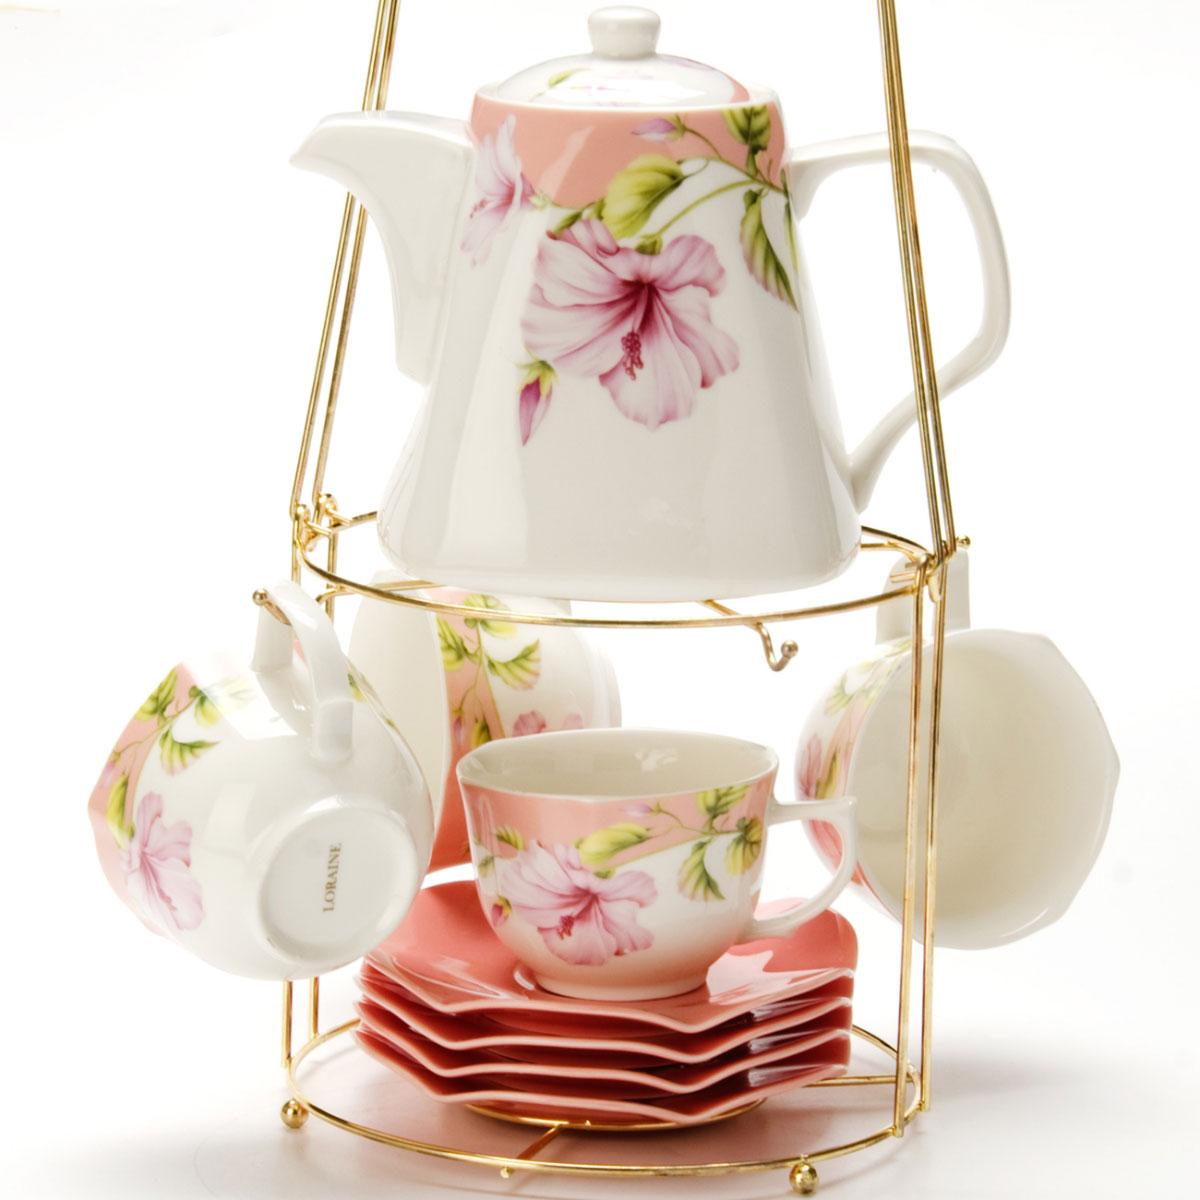 Набор чайный Mayer & Boch, на подставке, 9 предметов. 2473724737Чайный набор LORAINE состоит из 4 чашек, 4 блюдец и заварочного чайника (1,1 л). Предметы набора изготовлены из керамики и оформлены изображением цветов. Все предметы располагаются на удобной металлической подставке с ручкой. Элегантный дизайн набора придется по вкусу и ценителям классики, и тем, кто предпочитает утонченность и изысканность. Он настроит на позитивный лад и подарит хорошее настроение с самого утра. Чайный набор LORAINE идеально подойдет для сервировки стола и станет отличным подарком к любому празднику.